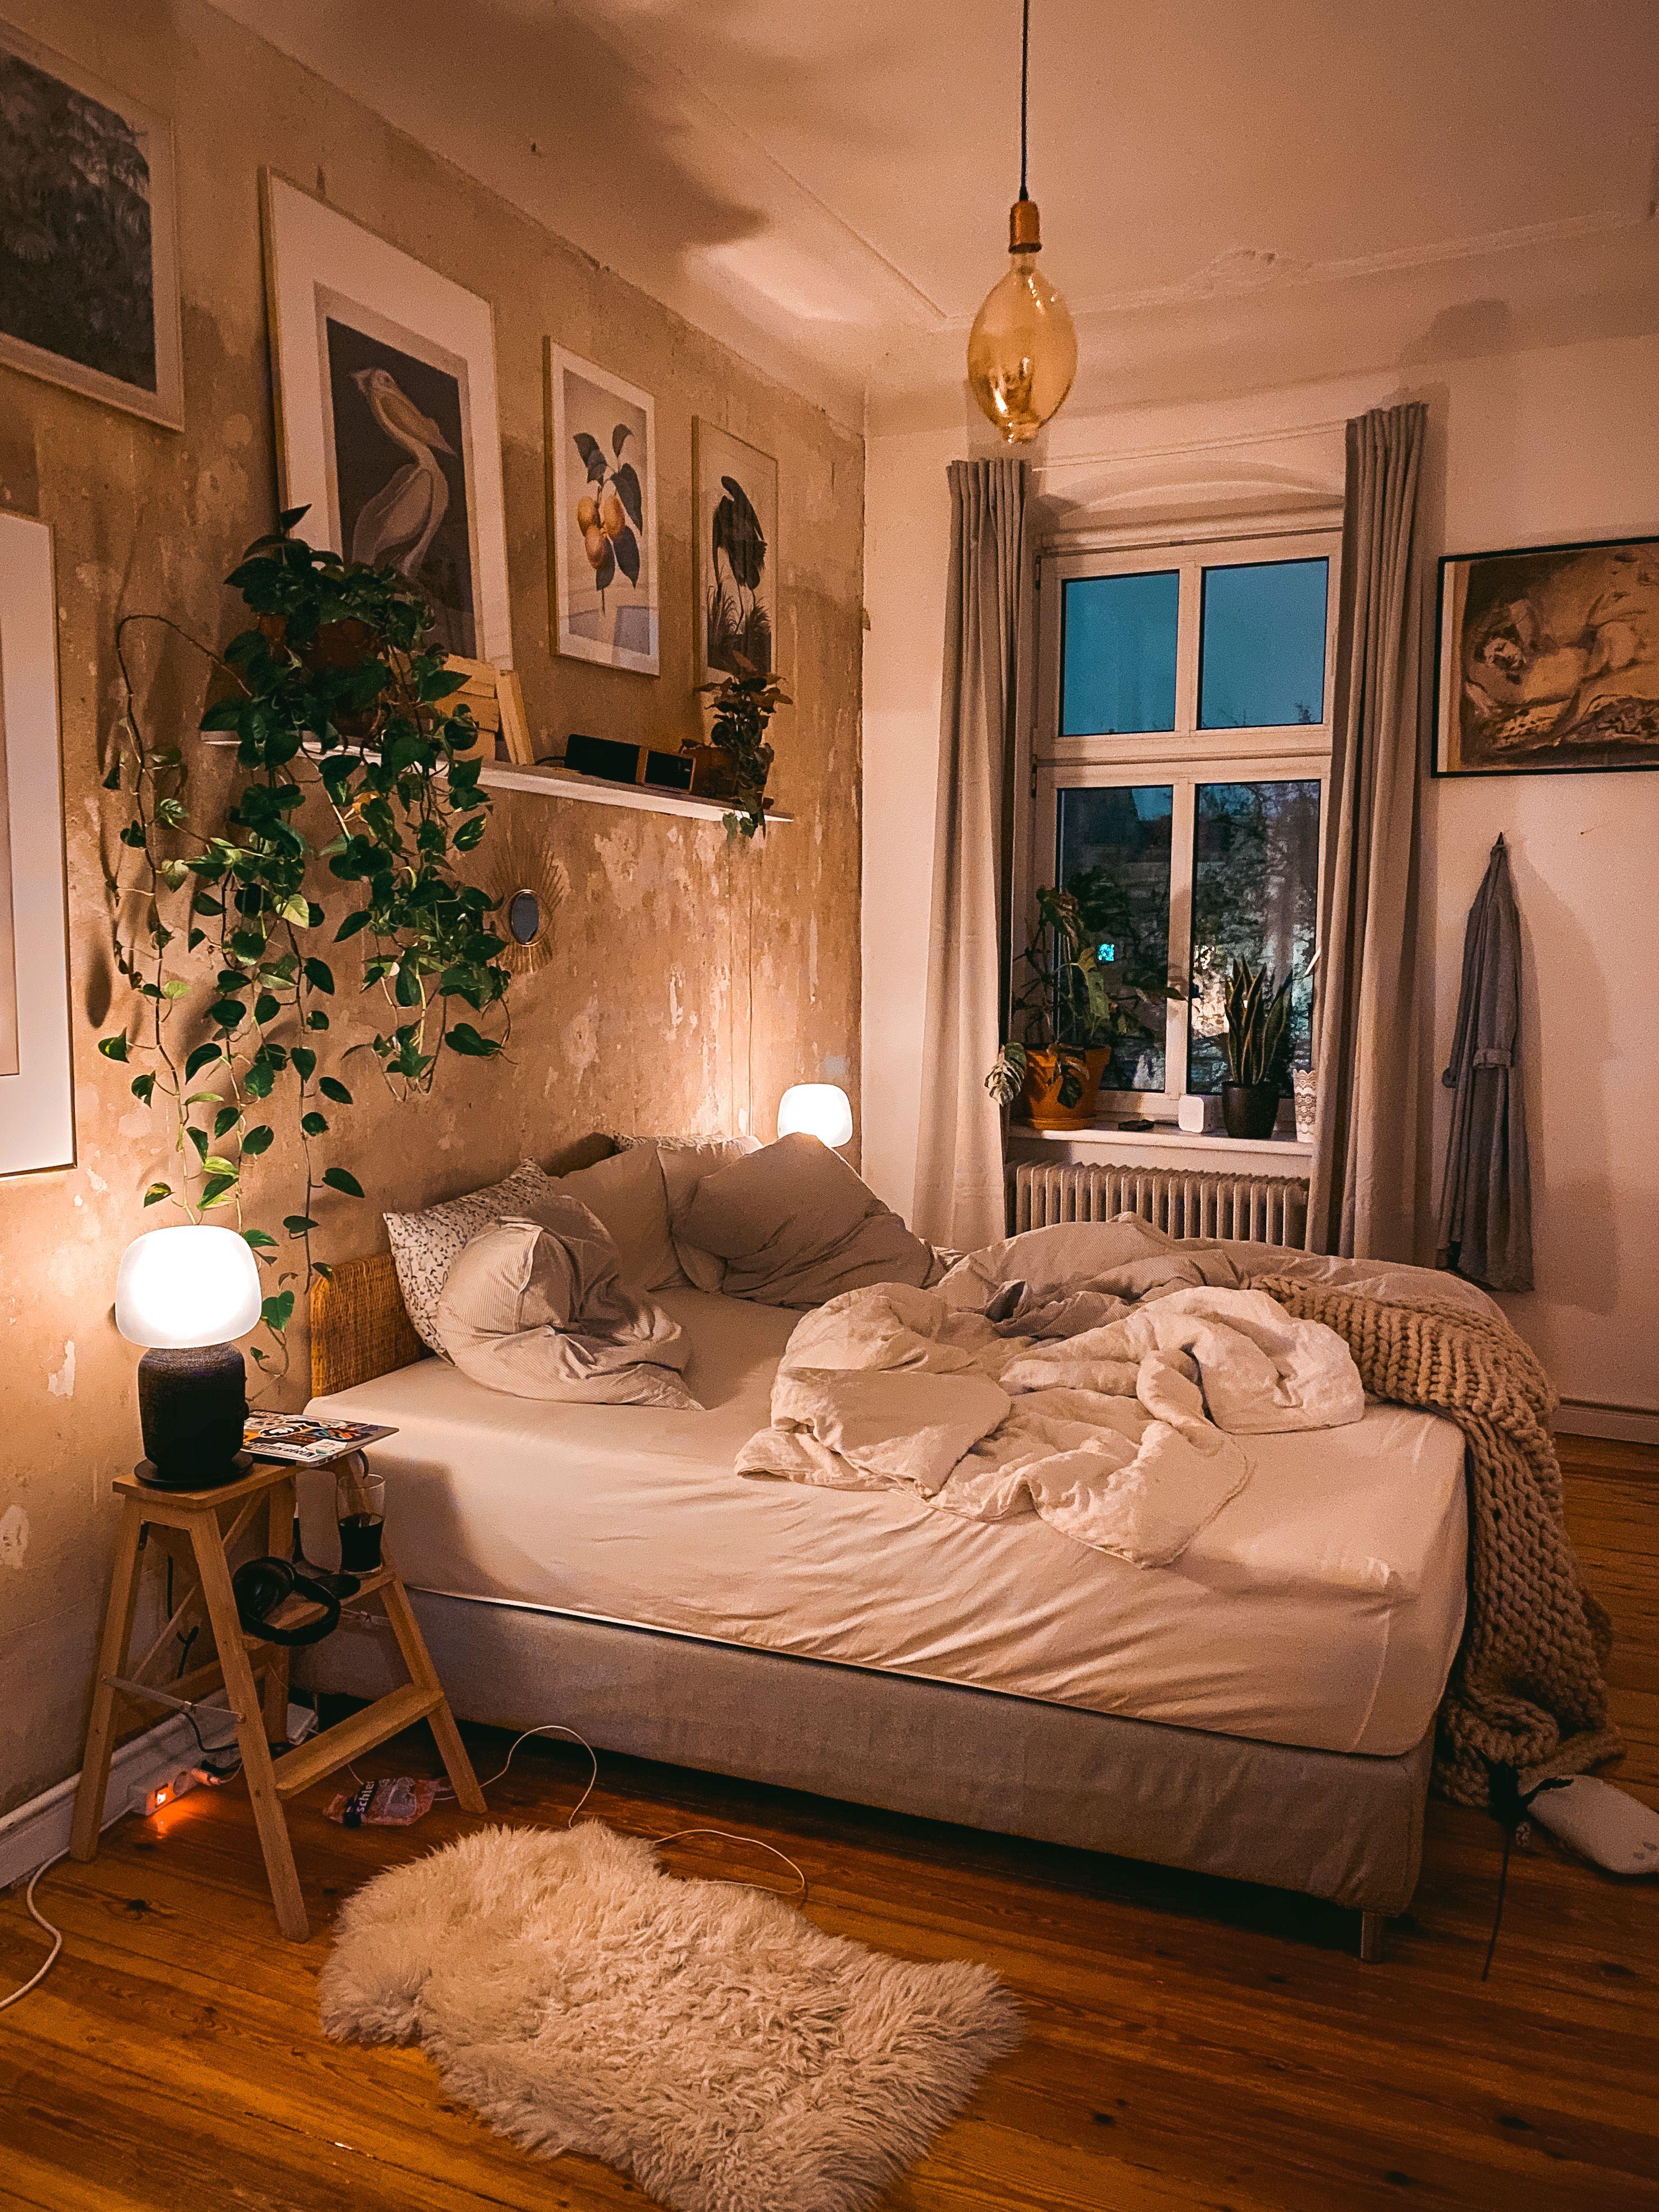 Ordnung halten mit System - fridlaa sortiert ihren Hausstand #roominspo